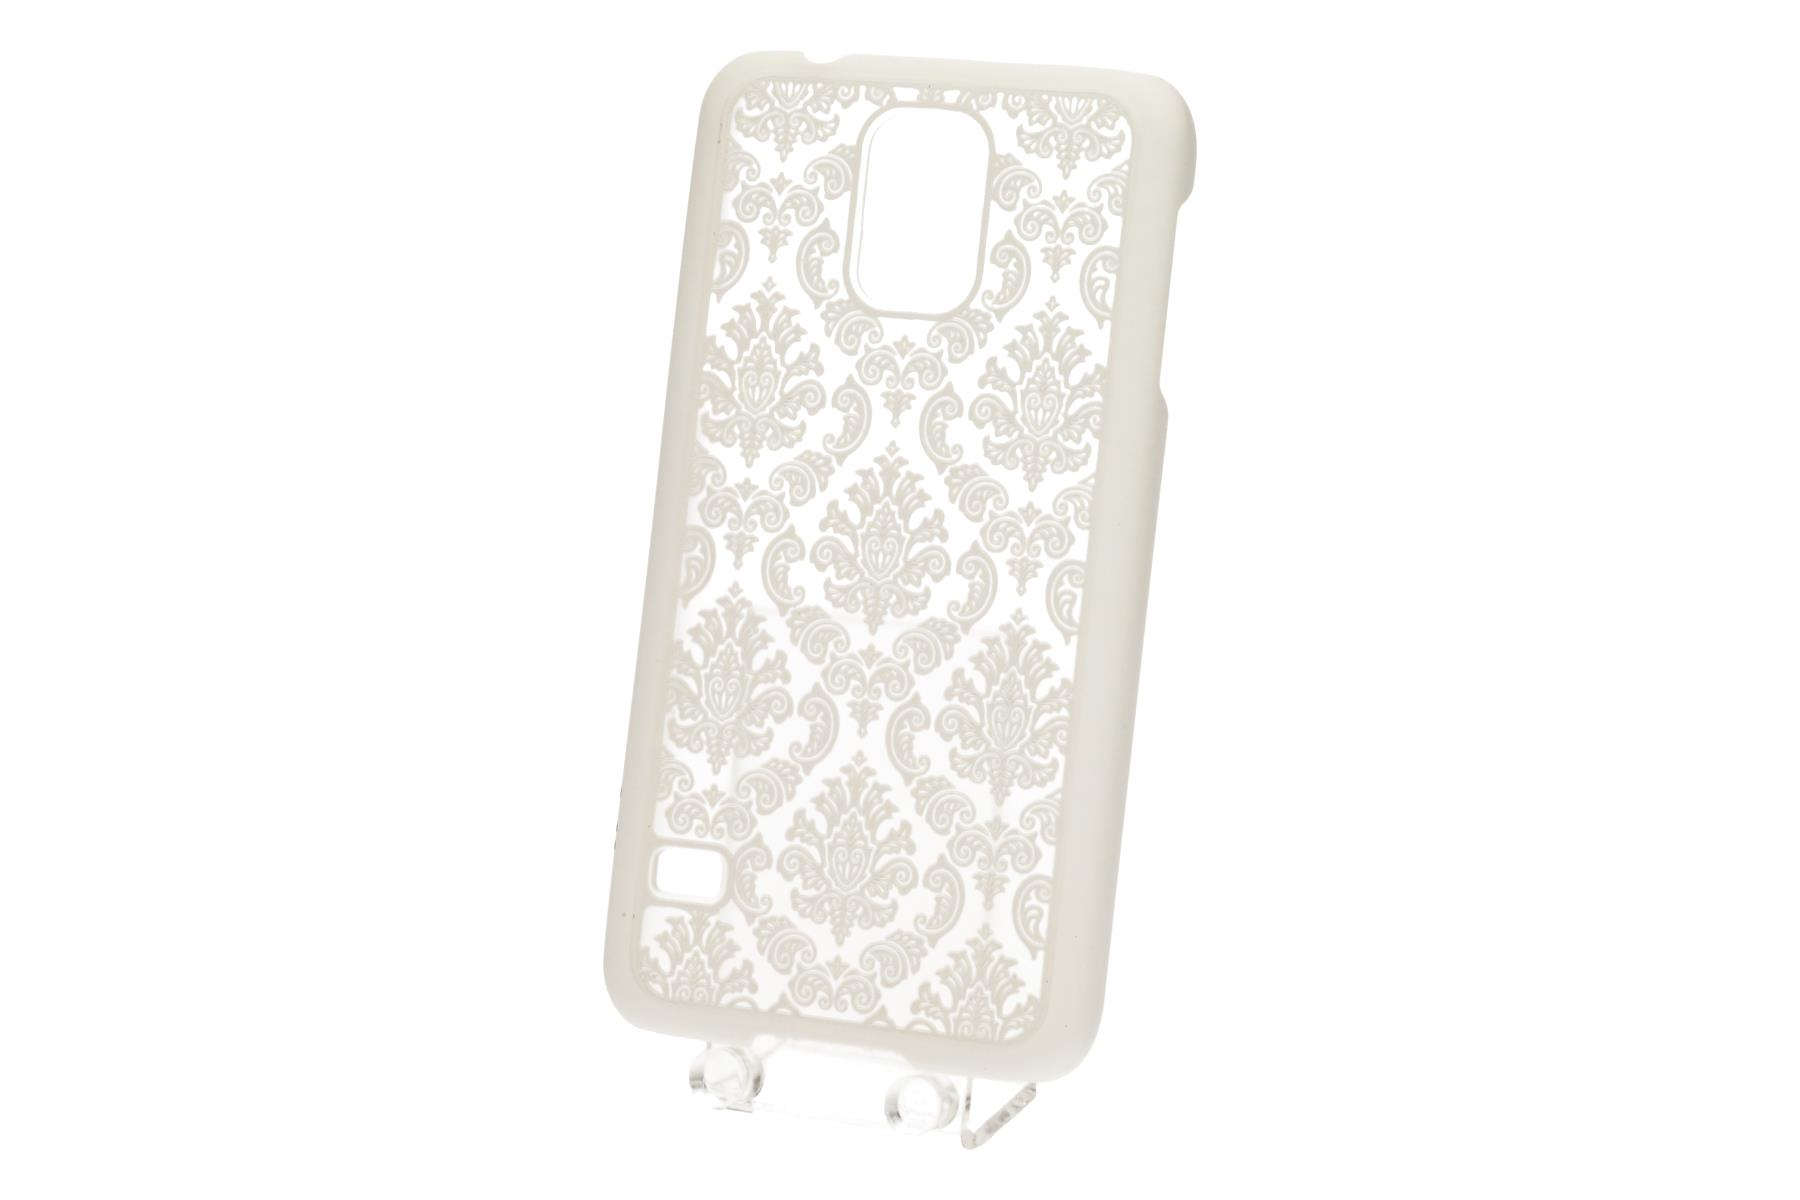 TB Touch pouzdro pro Samsung S5 white